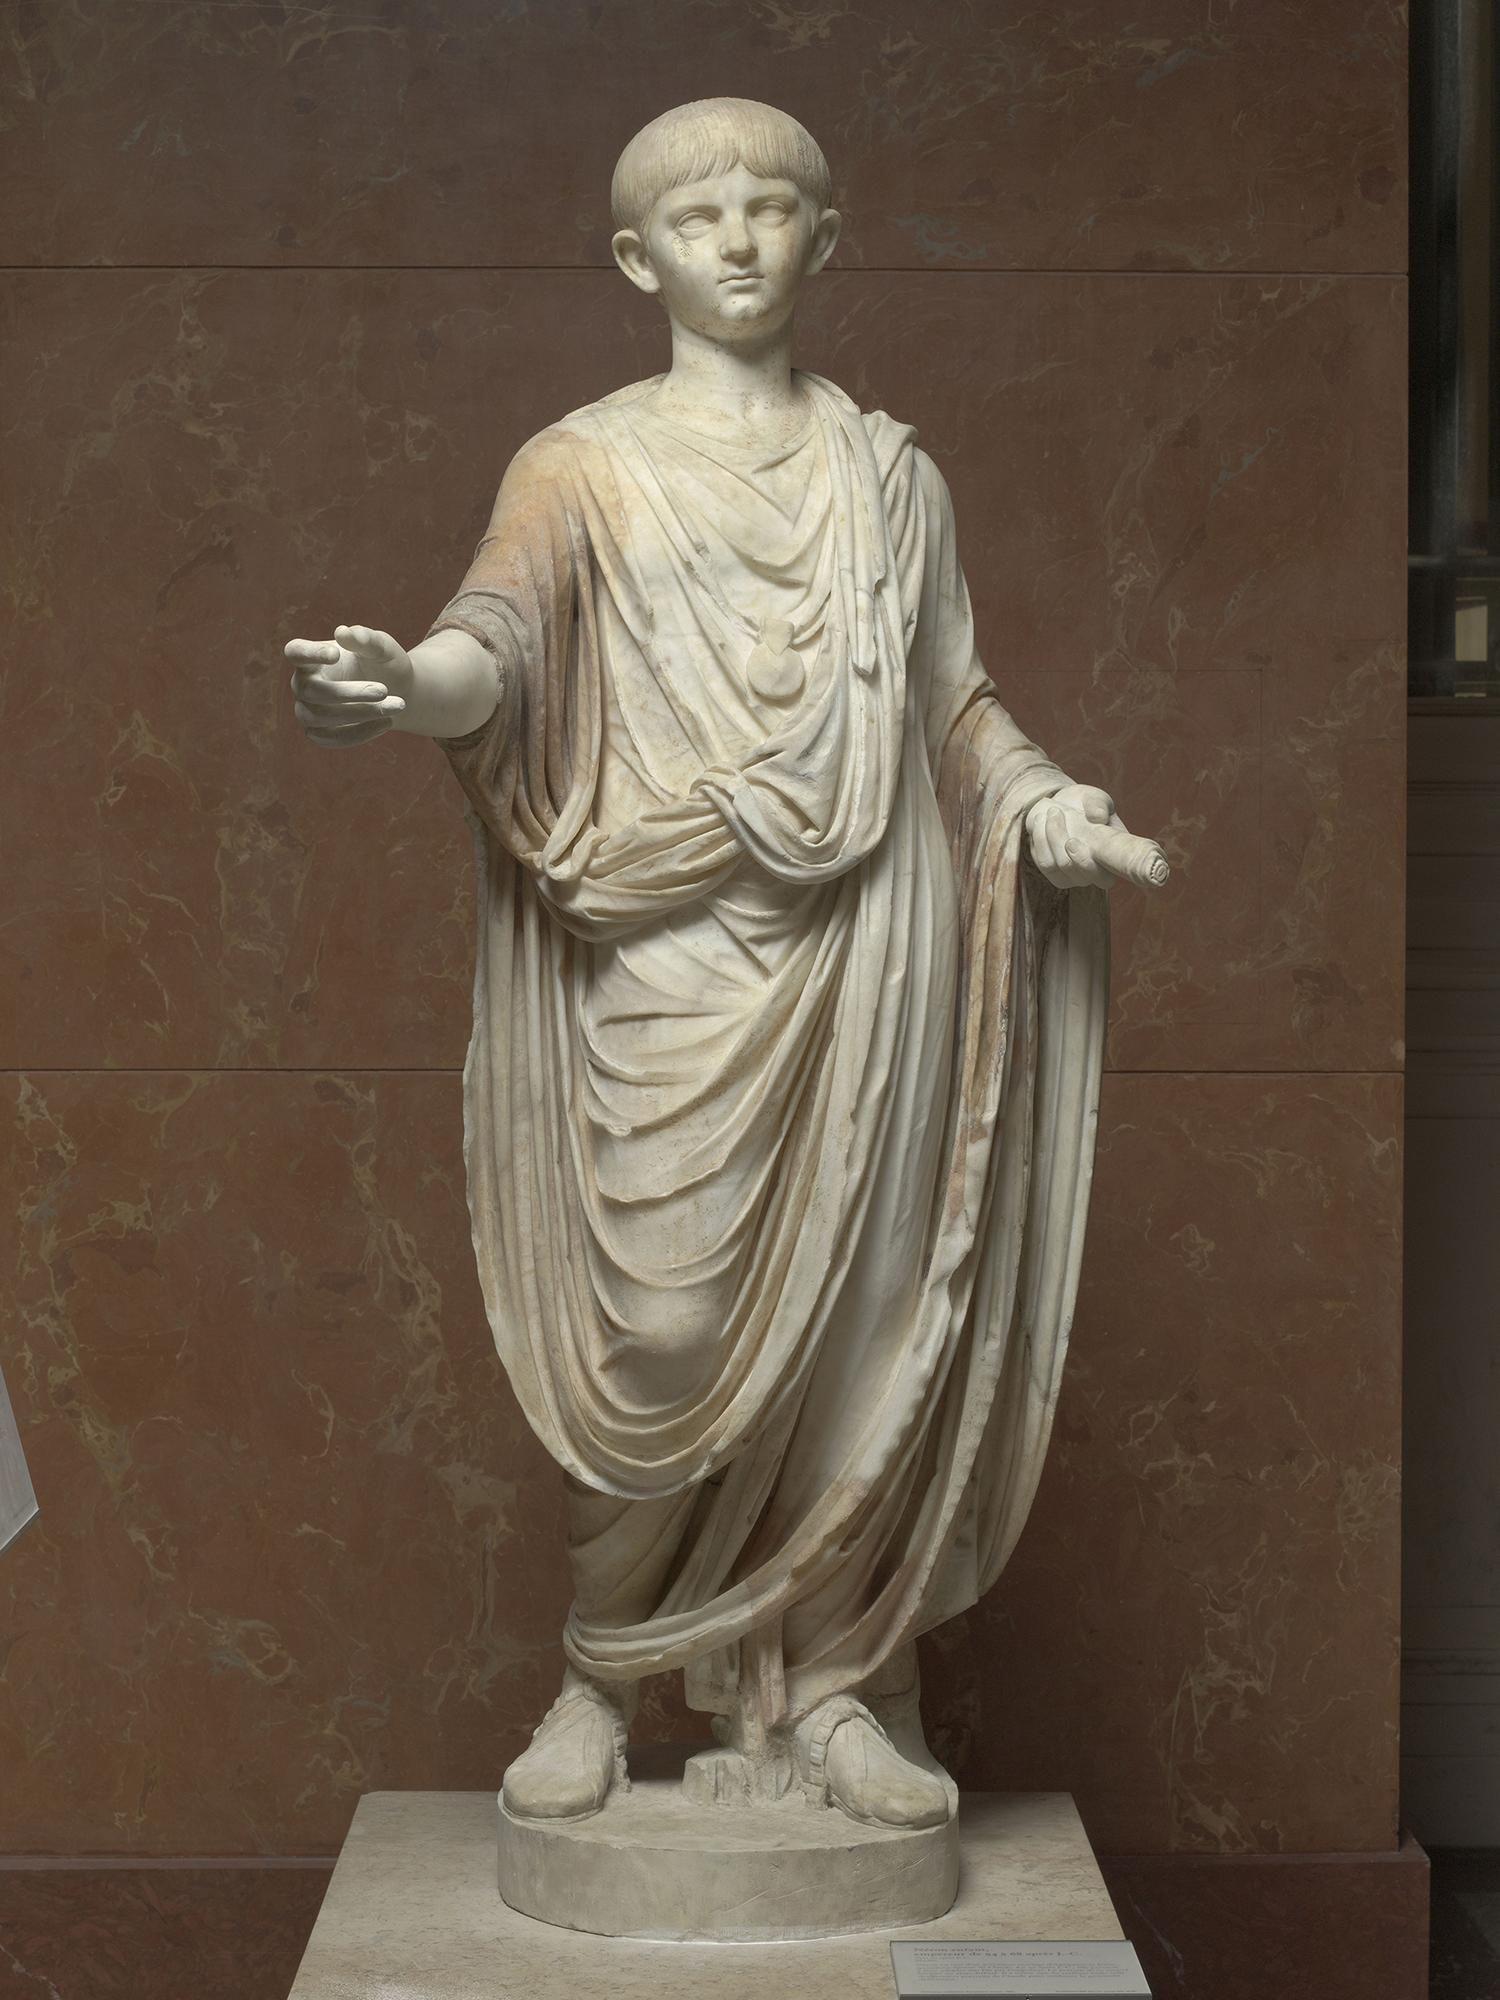 statue-young-nero-1500x2000